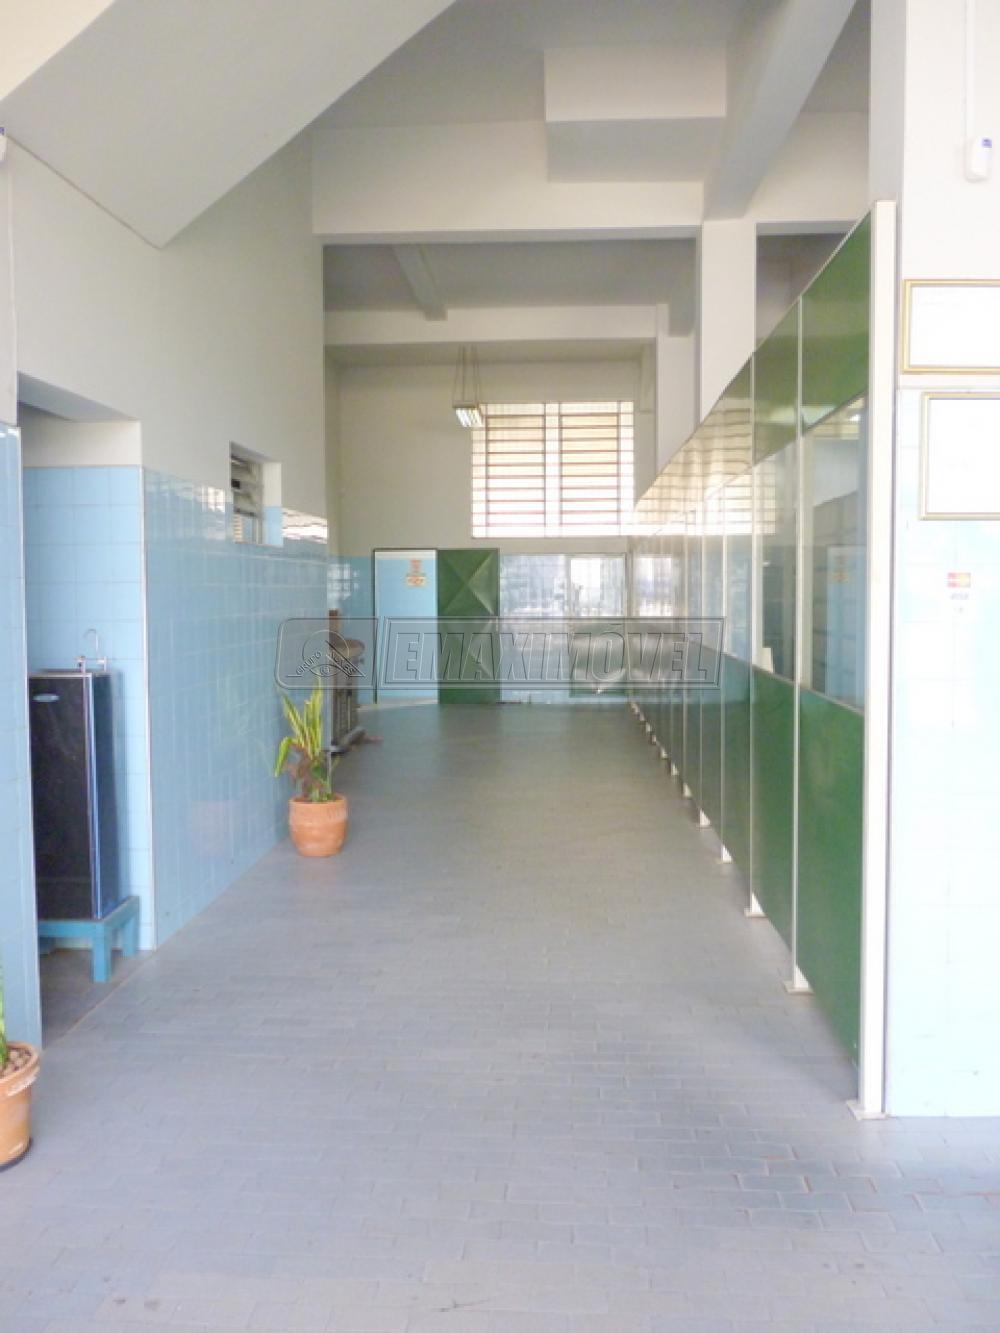 Comprar Salão Comercial / Negócios em Sorocaba R$ 1.950.000,00 - Foto 5